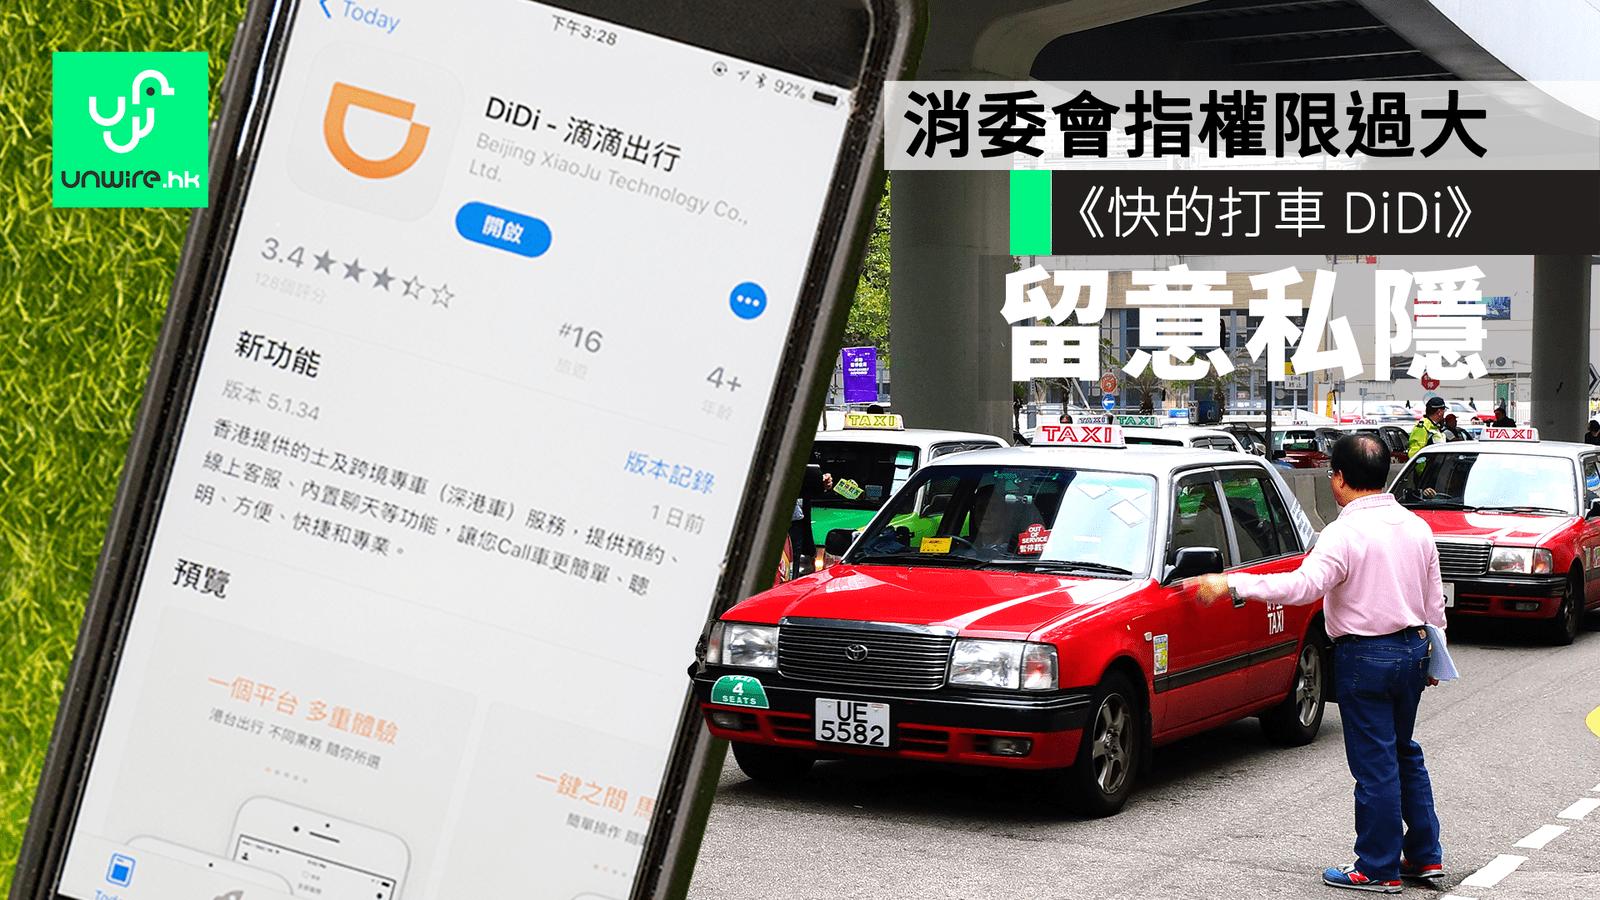 غول تاکسی اینترنتی در شرق آسیا